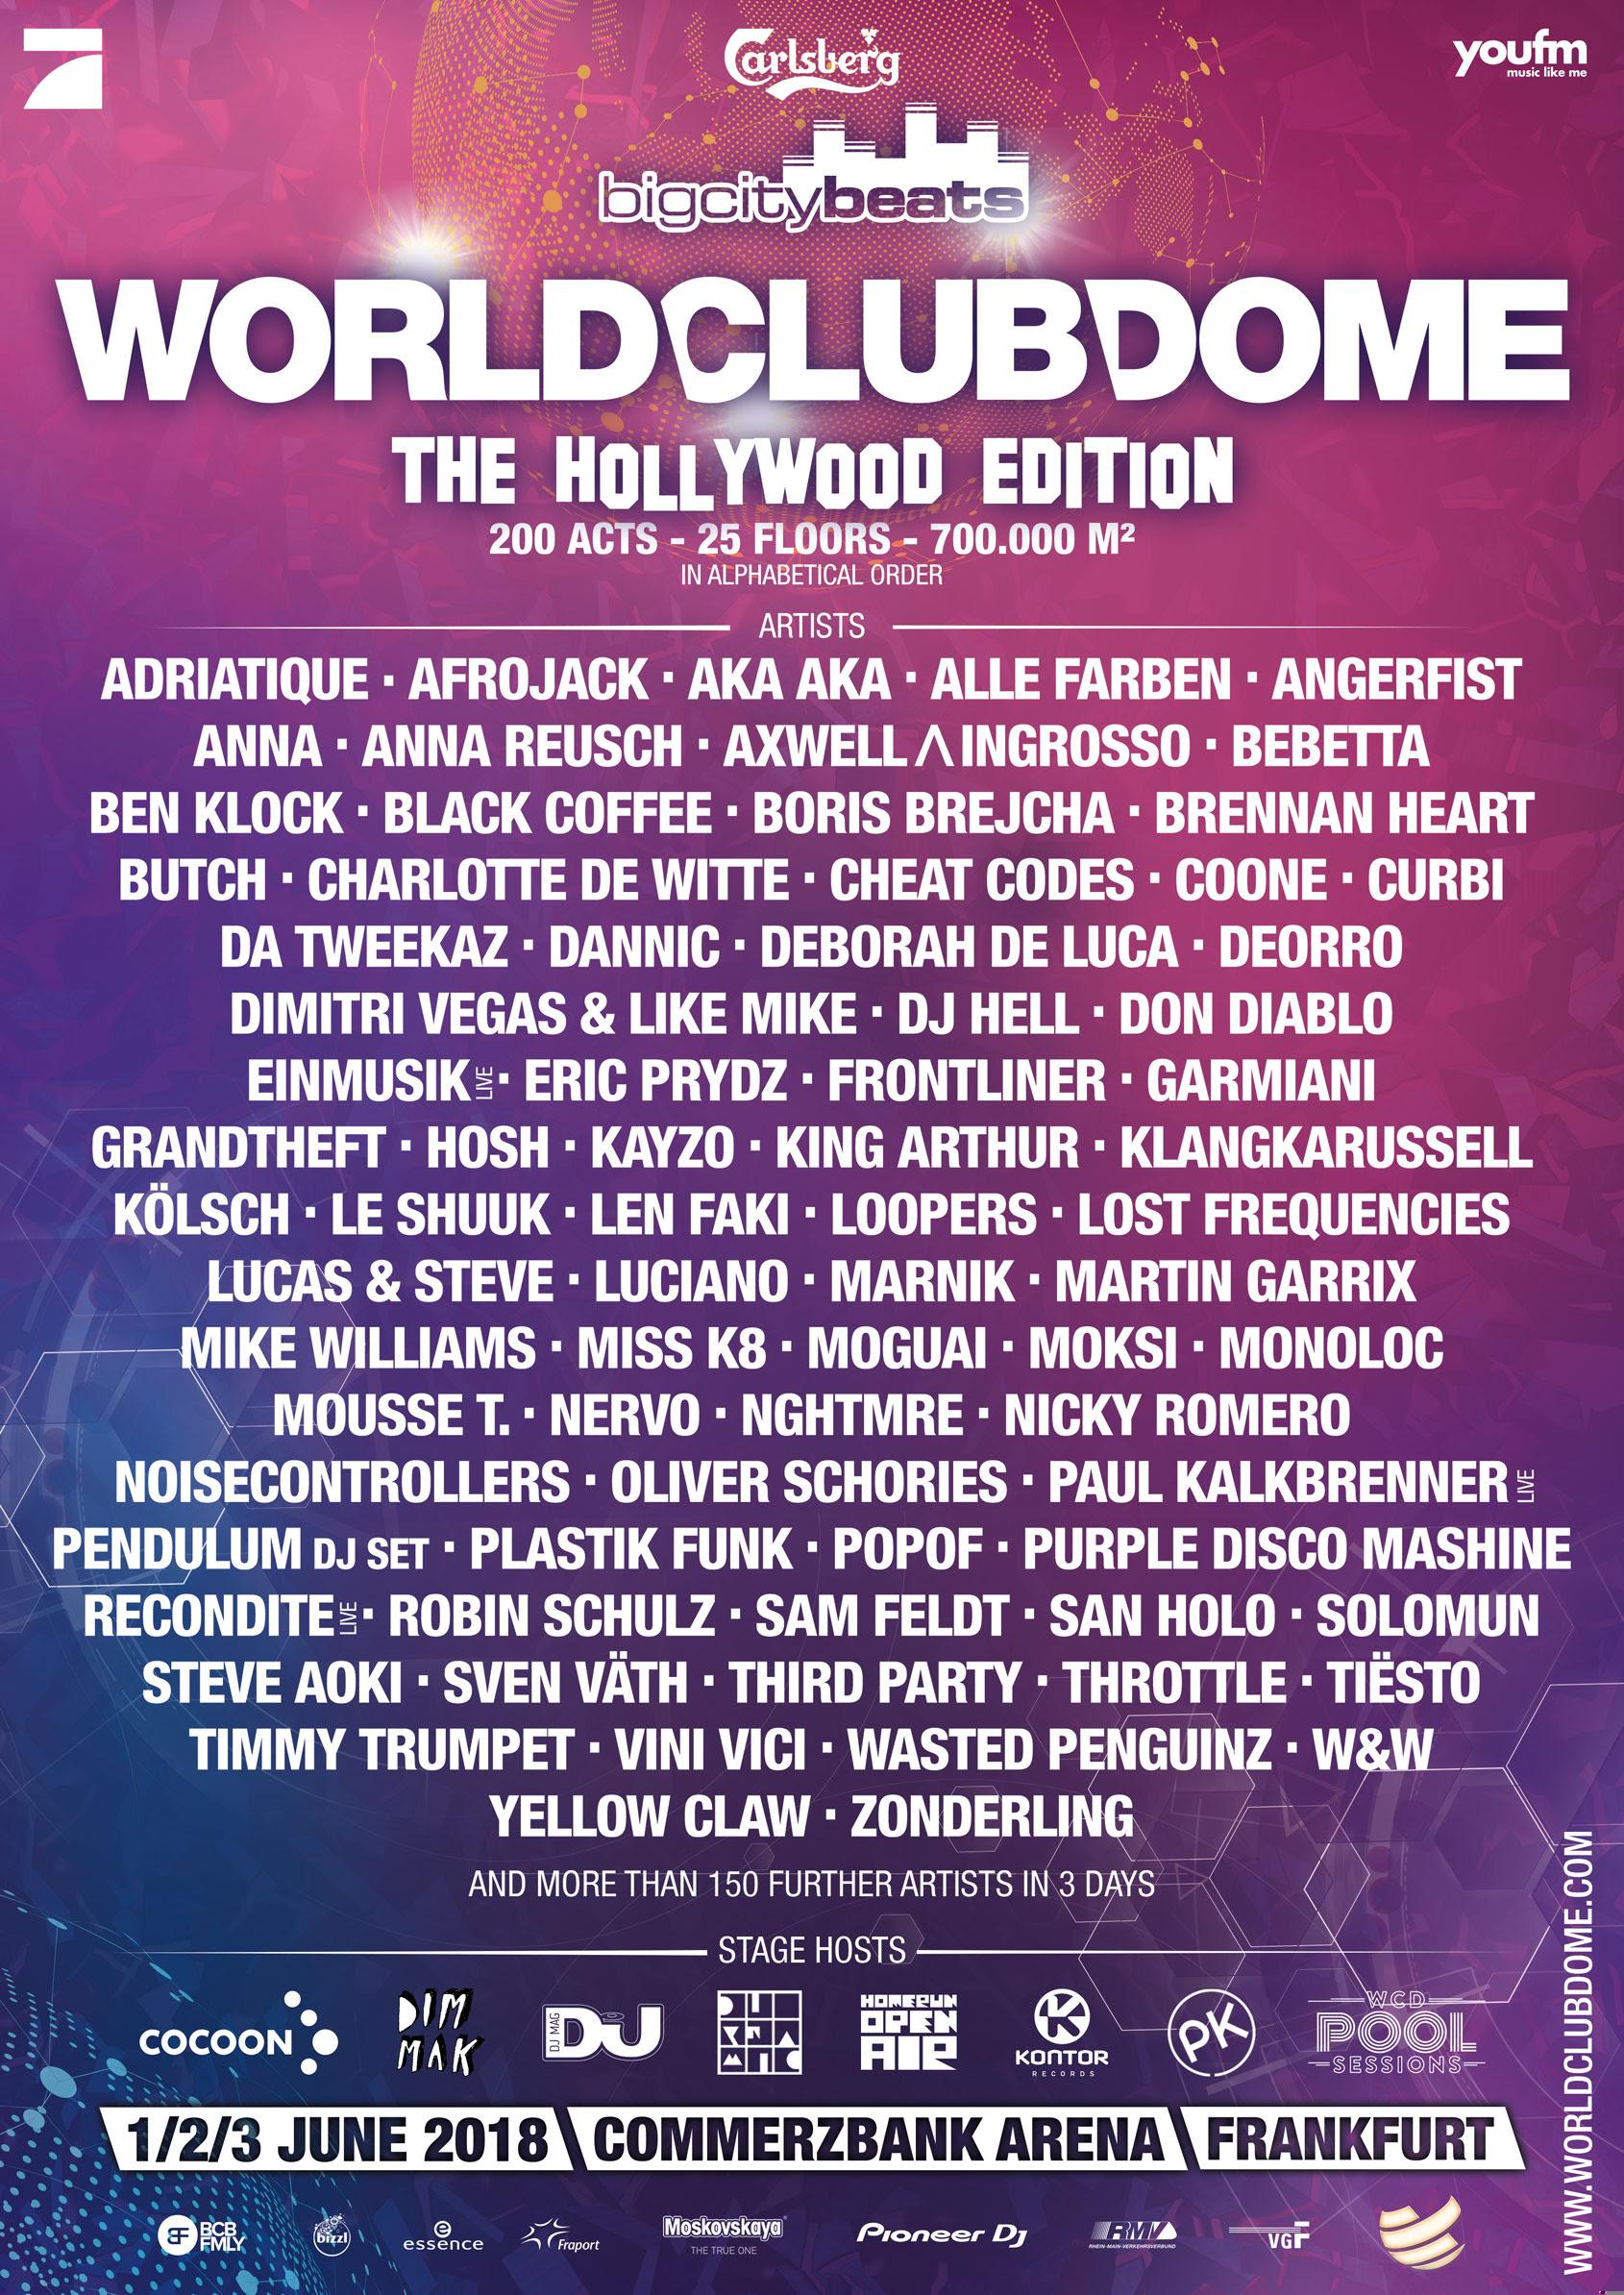 World club dome 2020 frankfurt